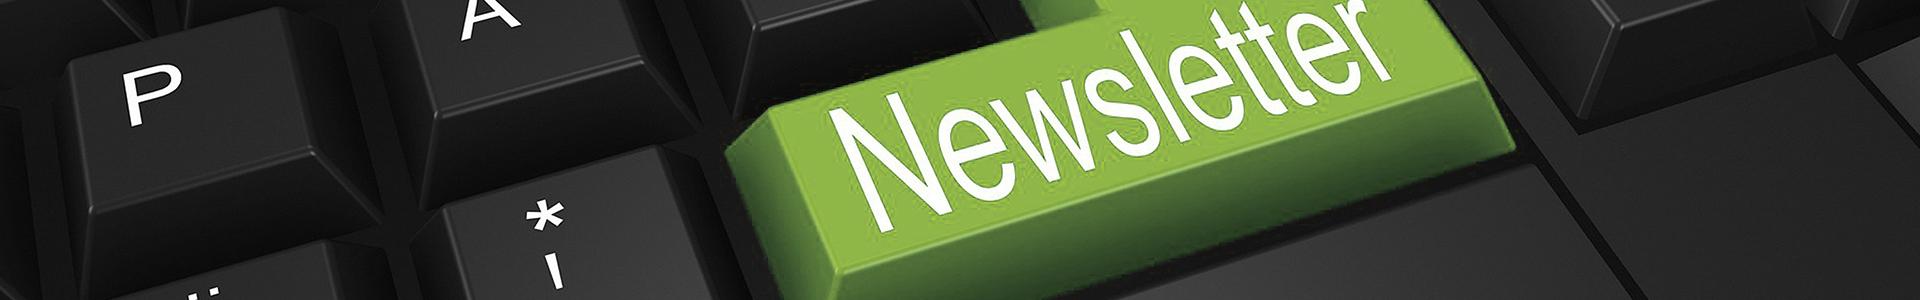 Meer inschrijvingen voor je nieuwsbrief verzamelen